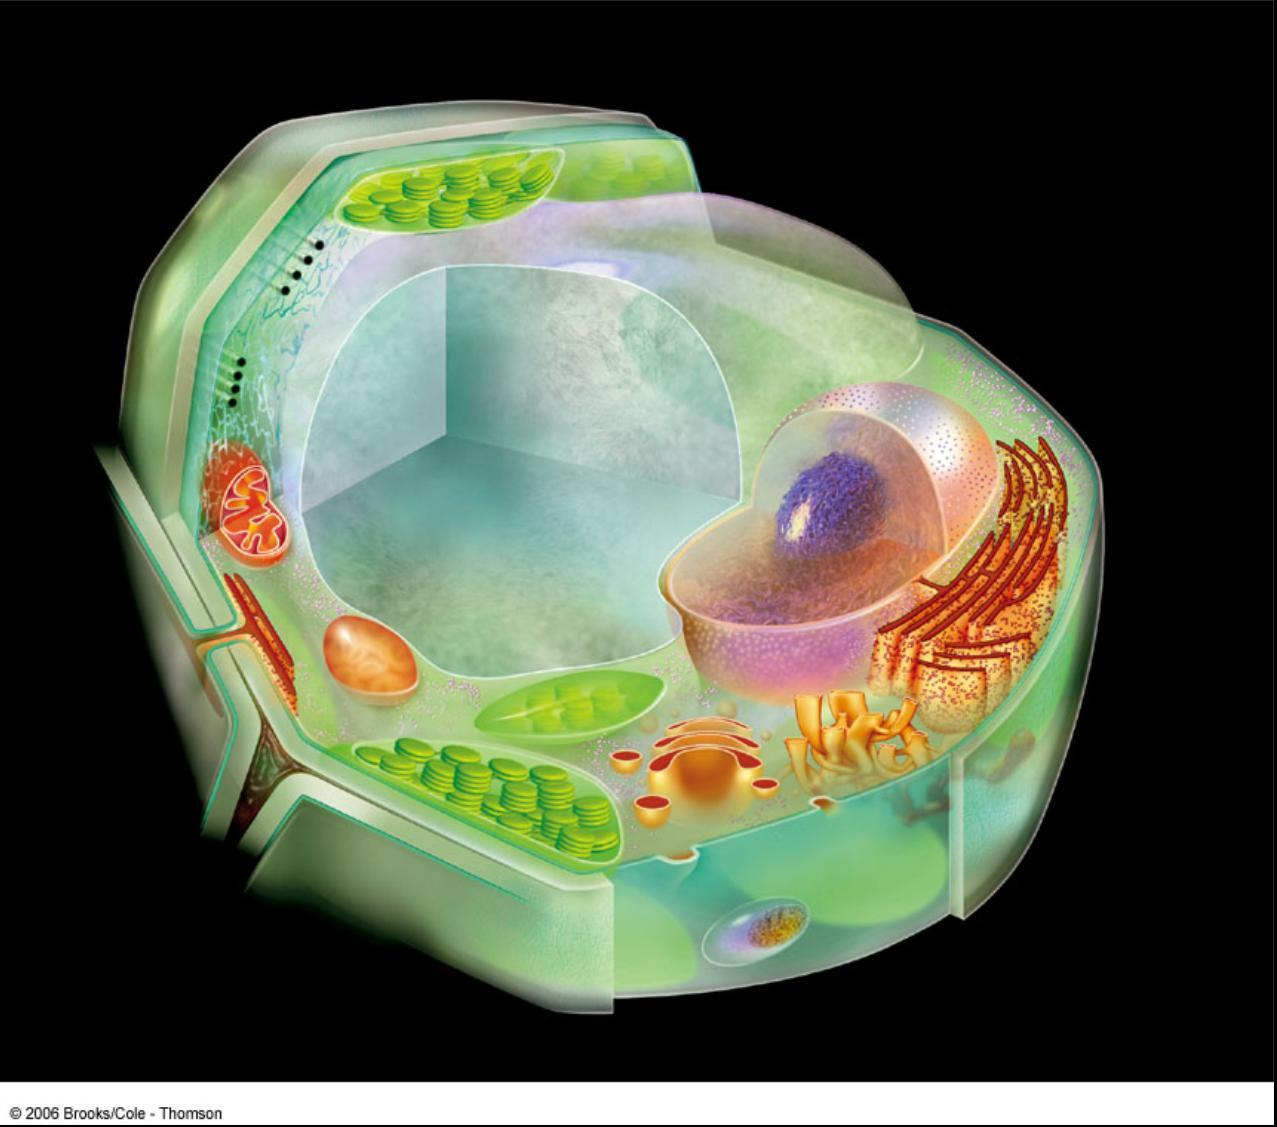 картинка про клетку так приятны глазу